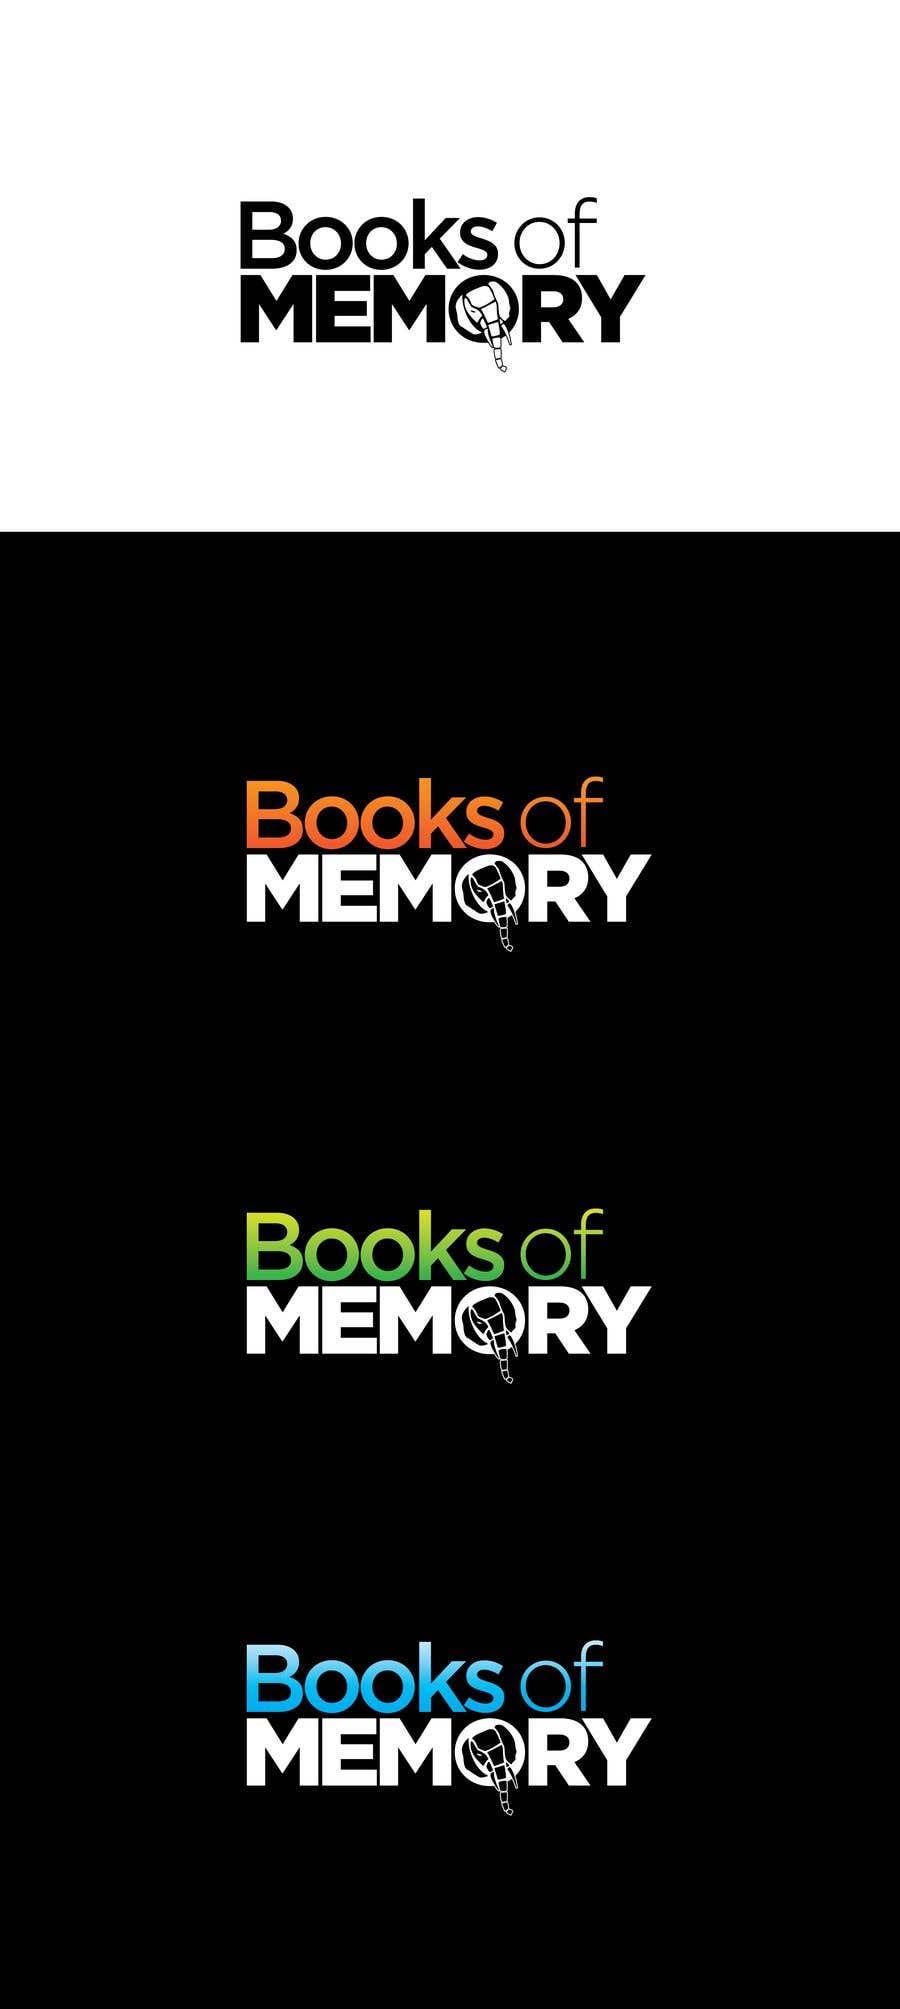 Penyertaan Peraduan #140 untuk BooksOfMemory Logo